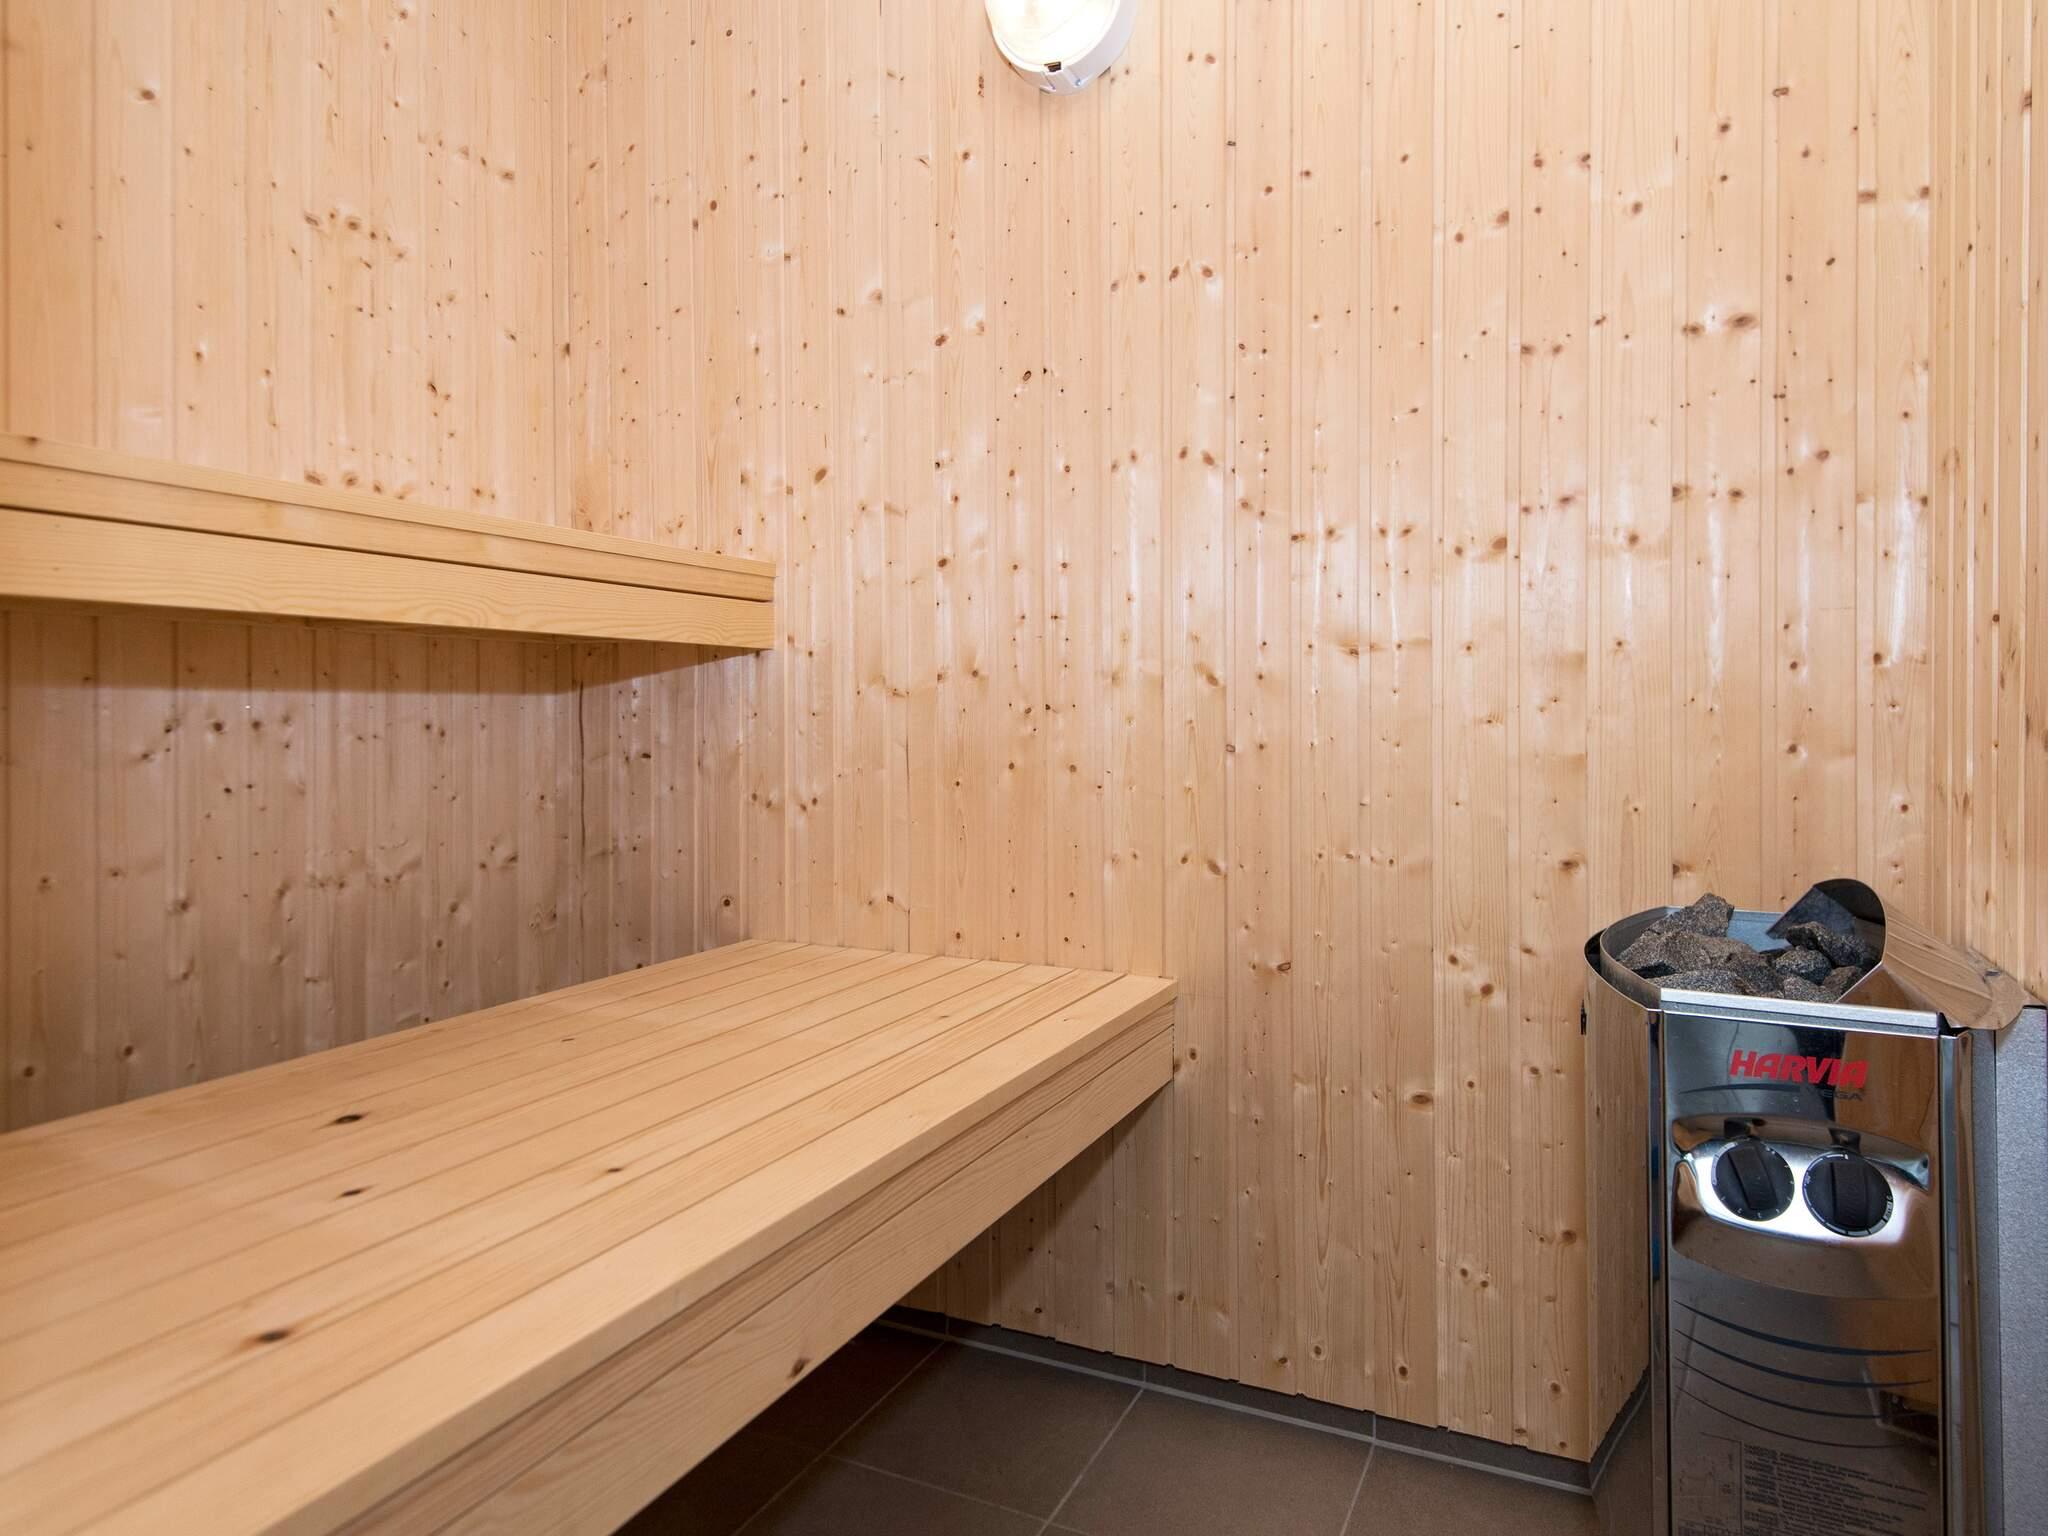 Ferienhaus Houstrup Strand (2561591), Nørre Nebel, , Westjütland, Dänemark, Bild 22